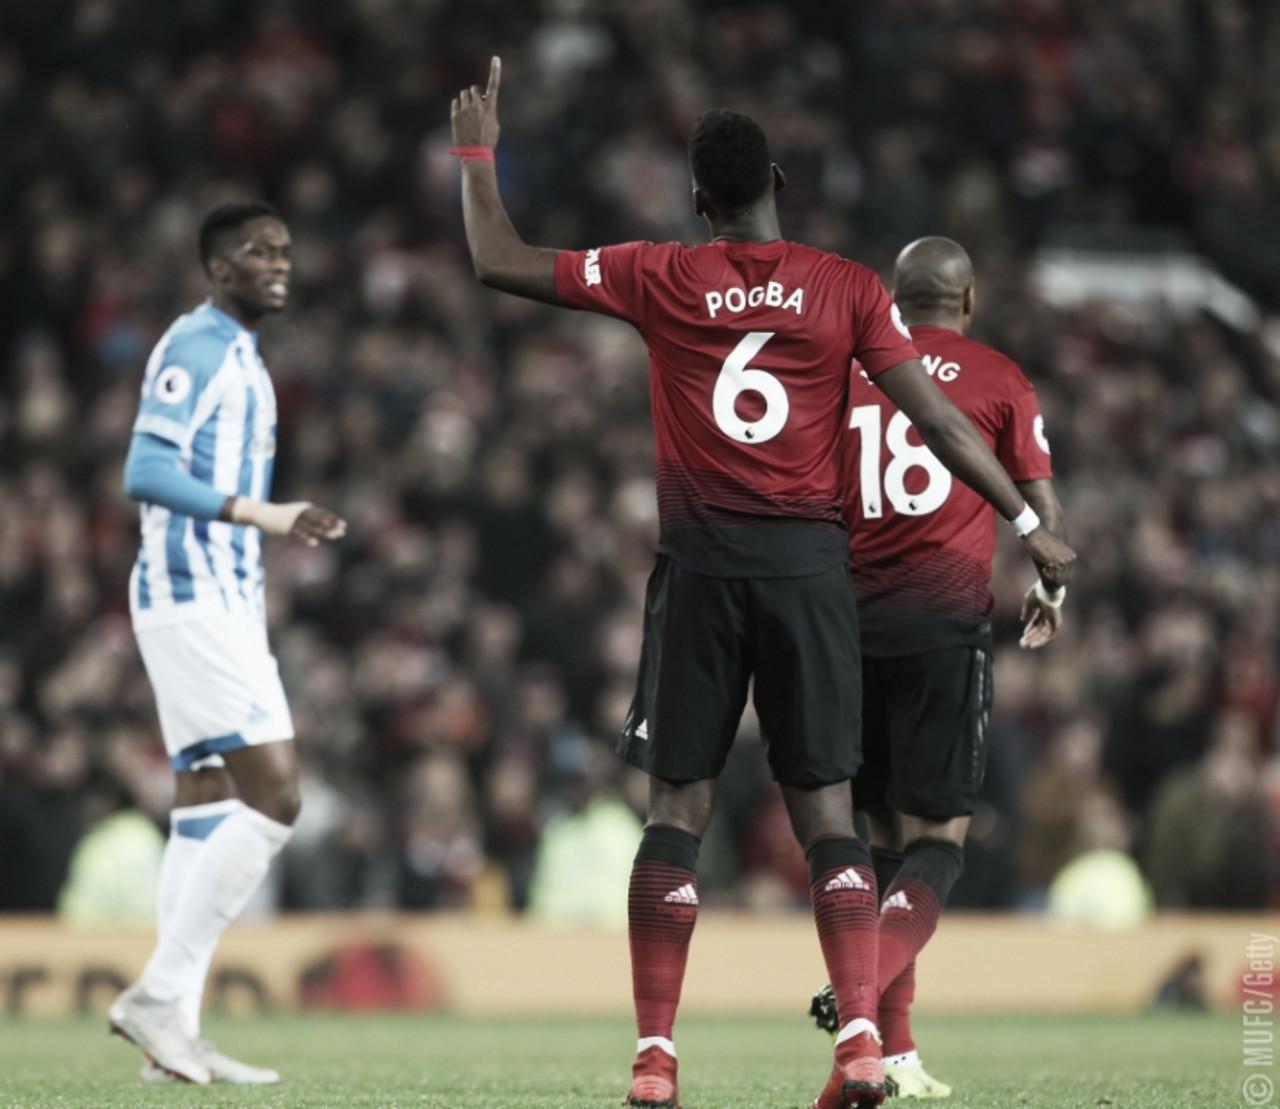 Na volta de Solskjaer ao Old Trafford, United joga bem e vence Huddersfield com tranquilidade